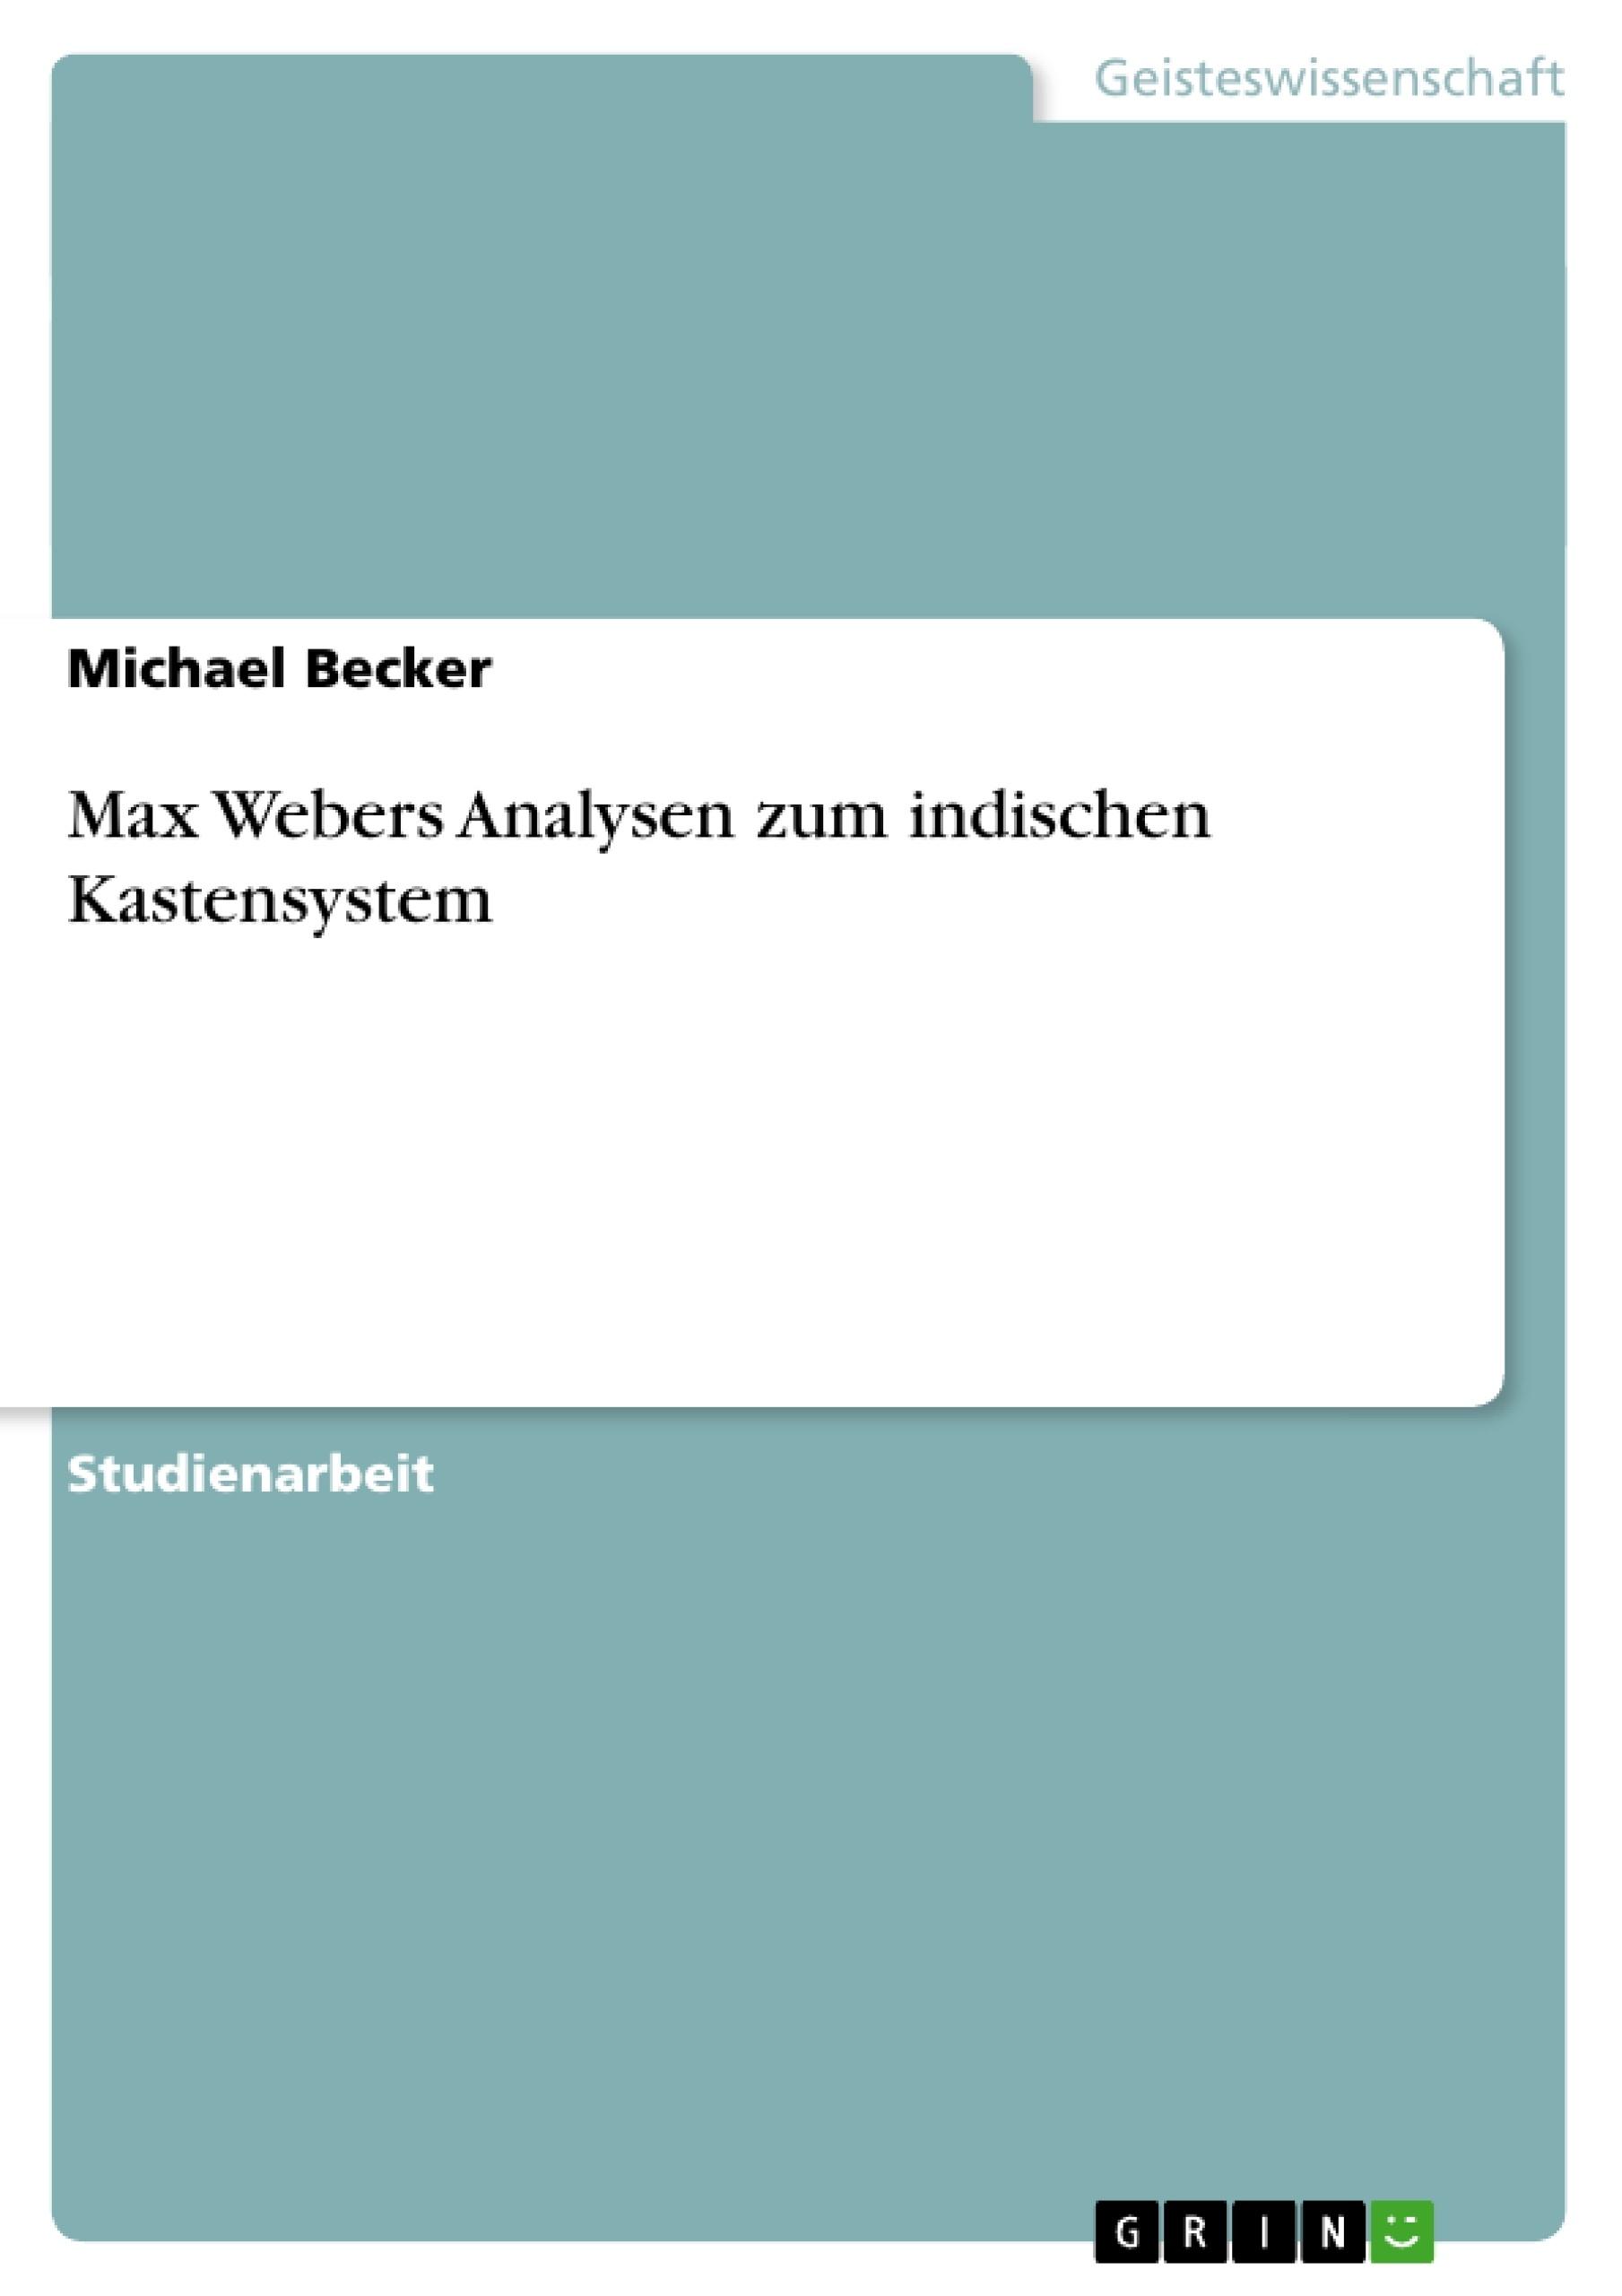 Titel: Max Webers Analysen zum indischen Kastensystem